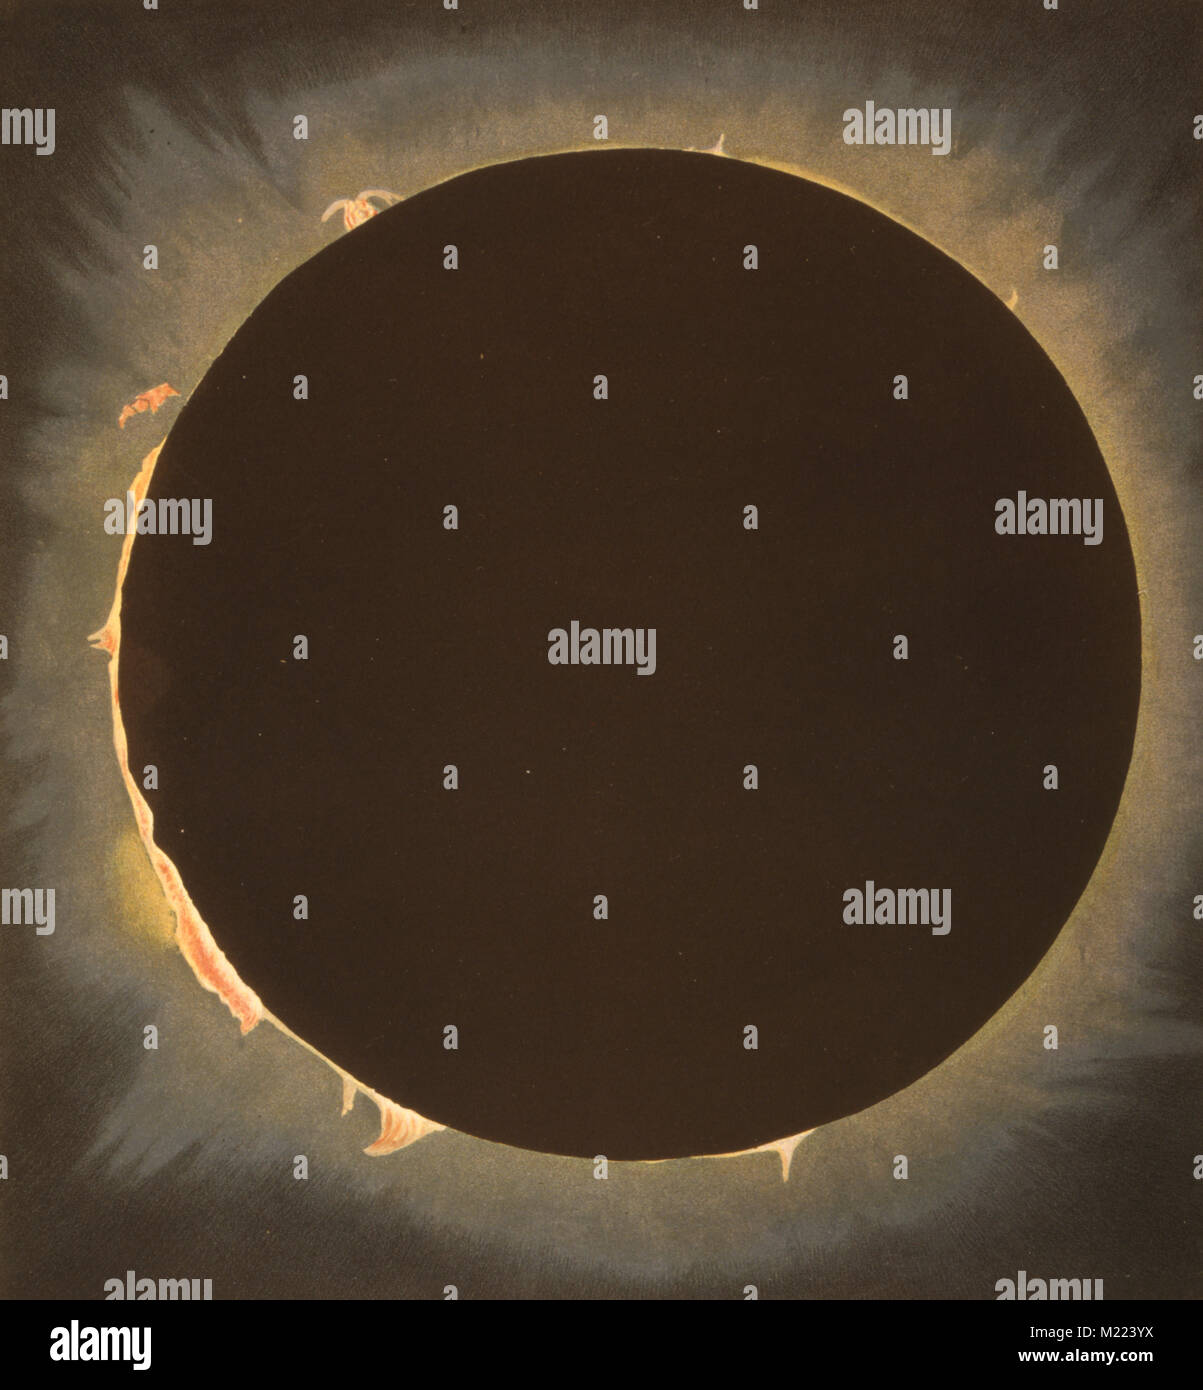 Sonnenfinsternis 1862. Die Sonne und der Mond am Anfang und am Ende der Totalität einer Sonnenfinsternis. Stockbild